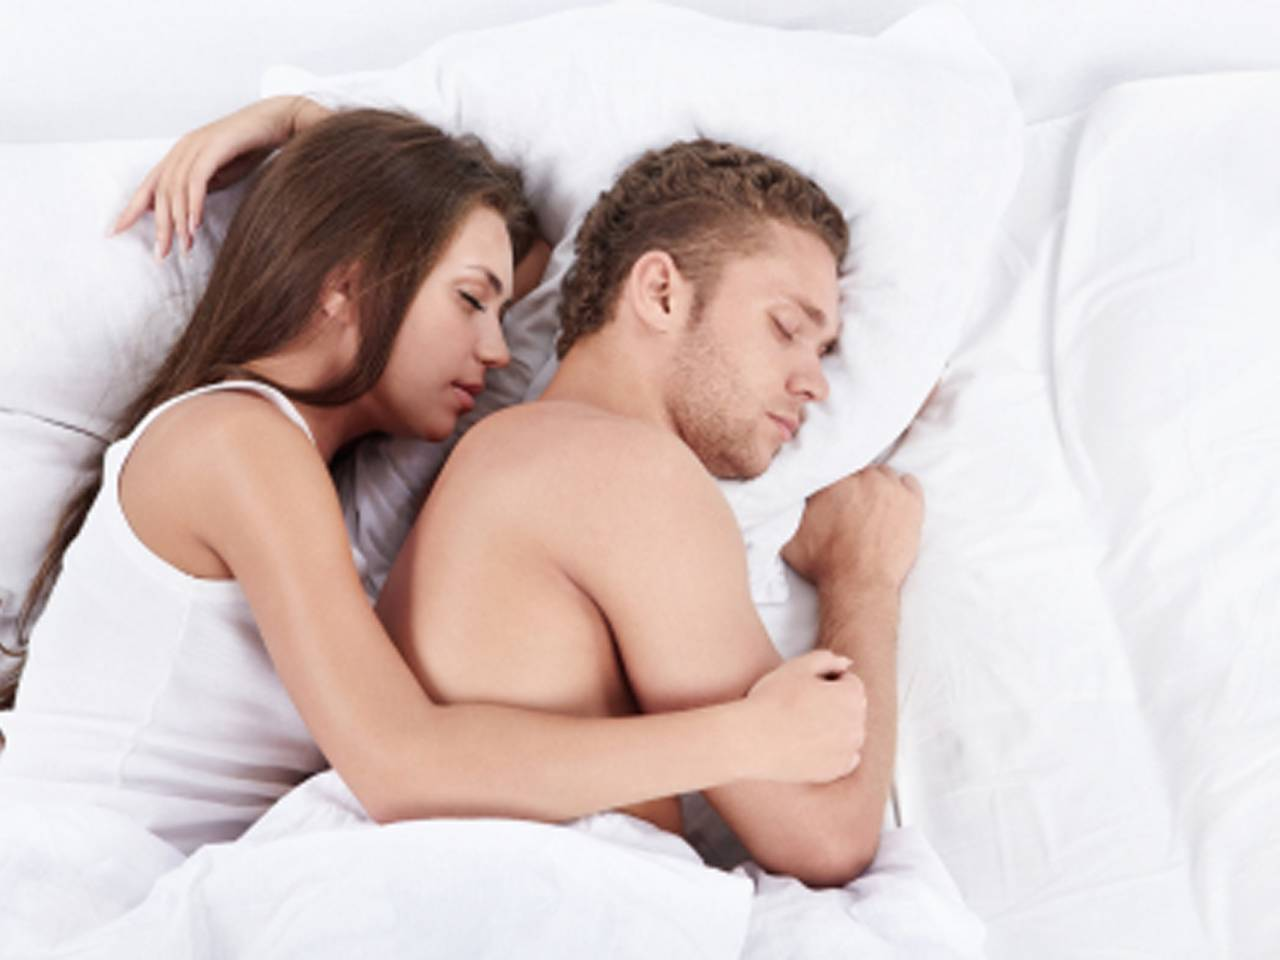 Съёмка спящих жён 20 фотография